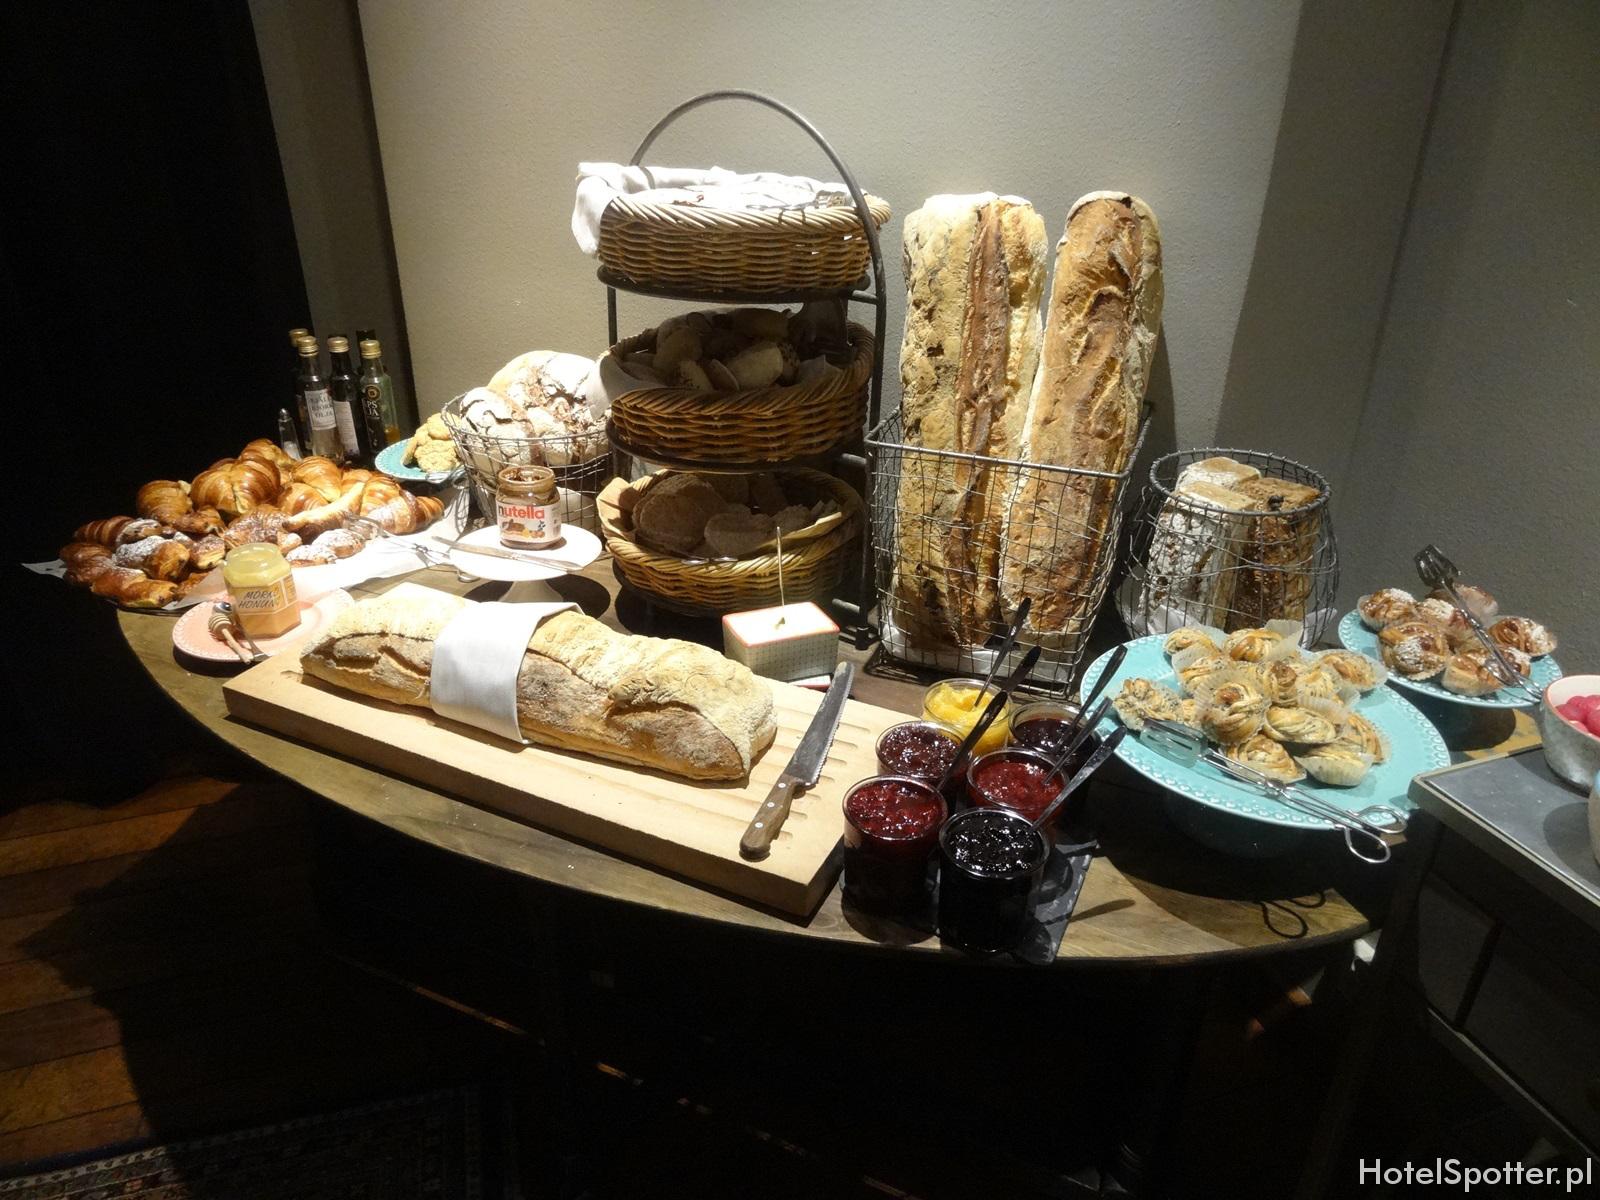 Radisson Blu Strand Hotel, Stockholm - sniadanie pieczywo